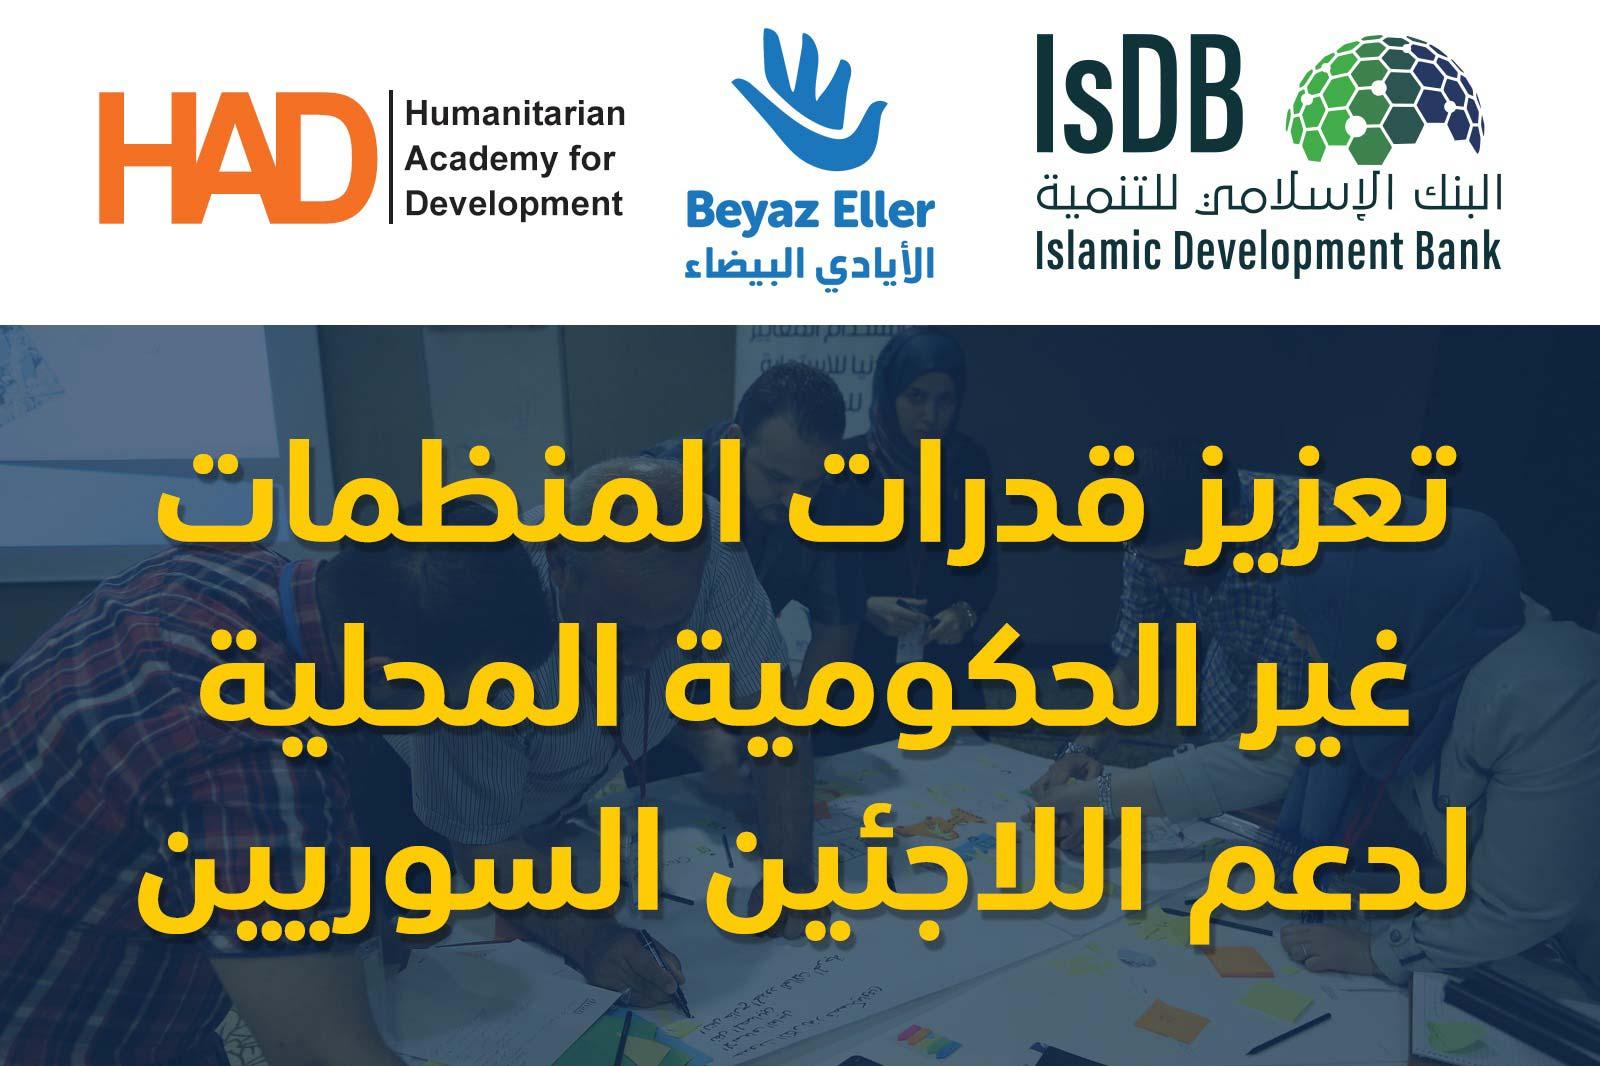 برامج تدريبية لتعزيز قدرات المنظمات غير الحكومية المحلية لدعم اللاجئين السوريين